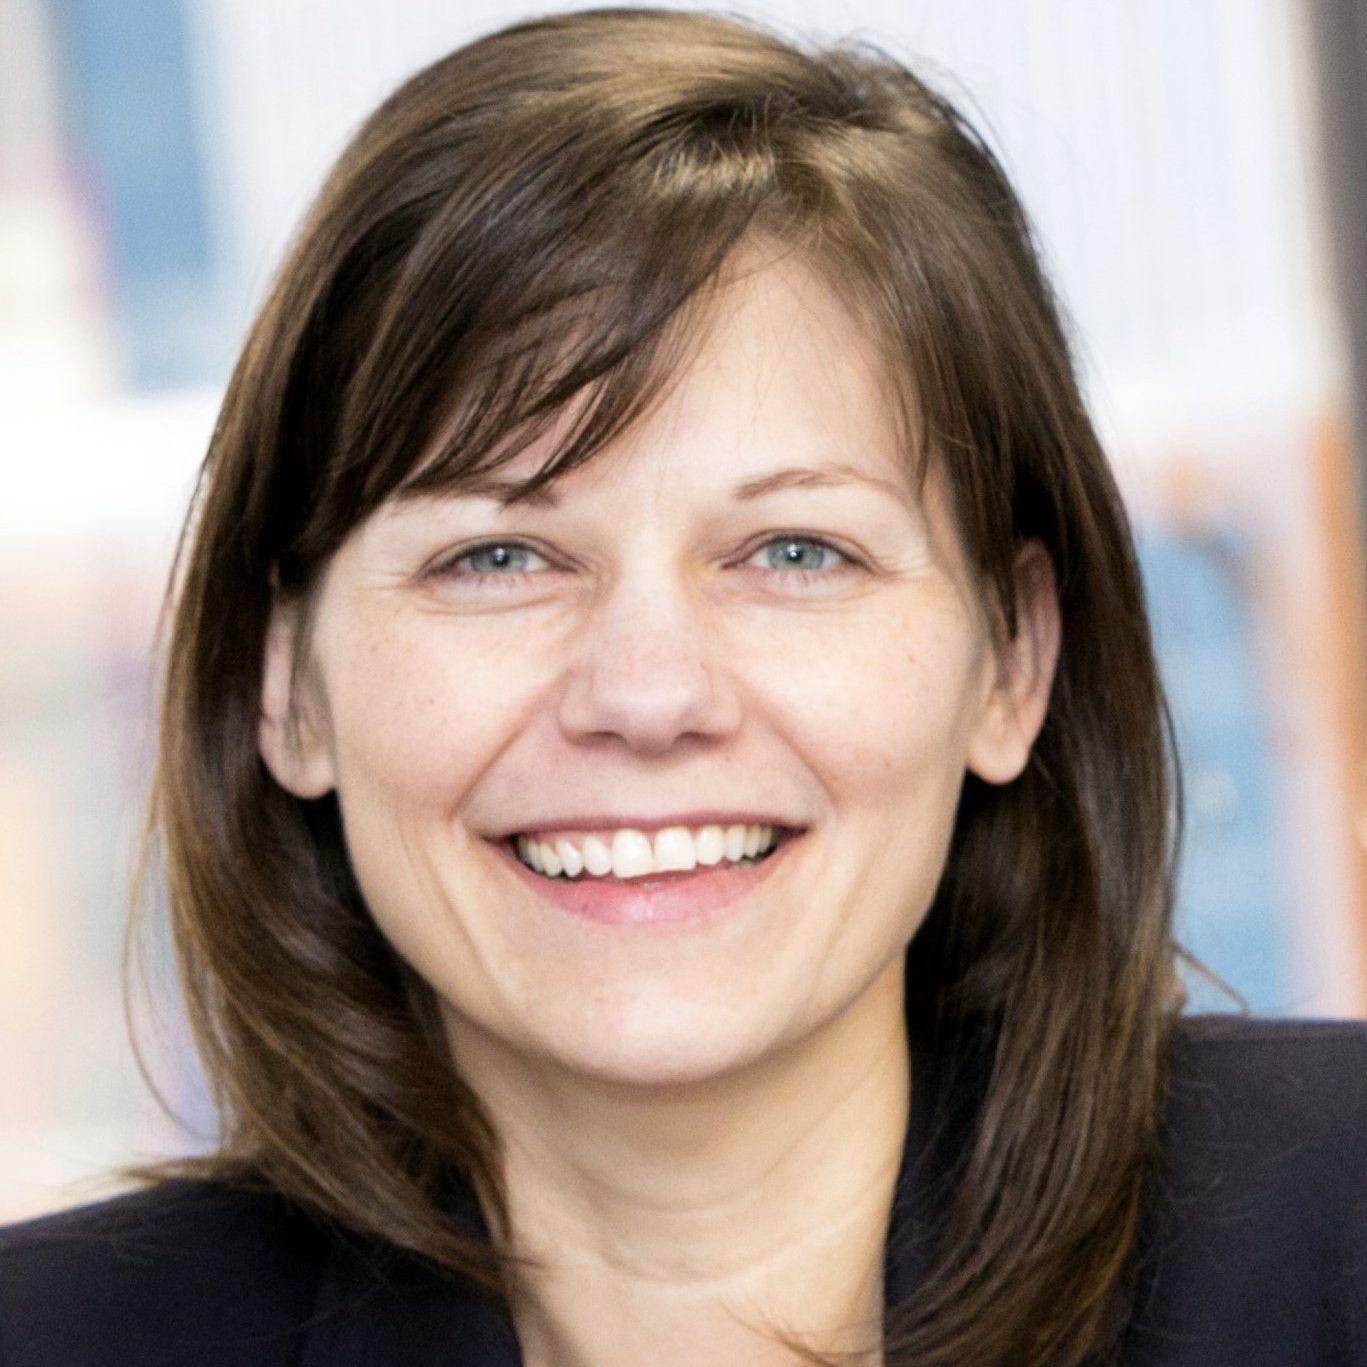 Portrait of Chantrelle Nielsen